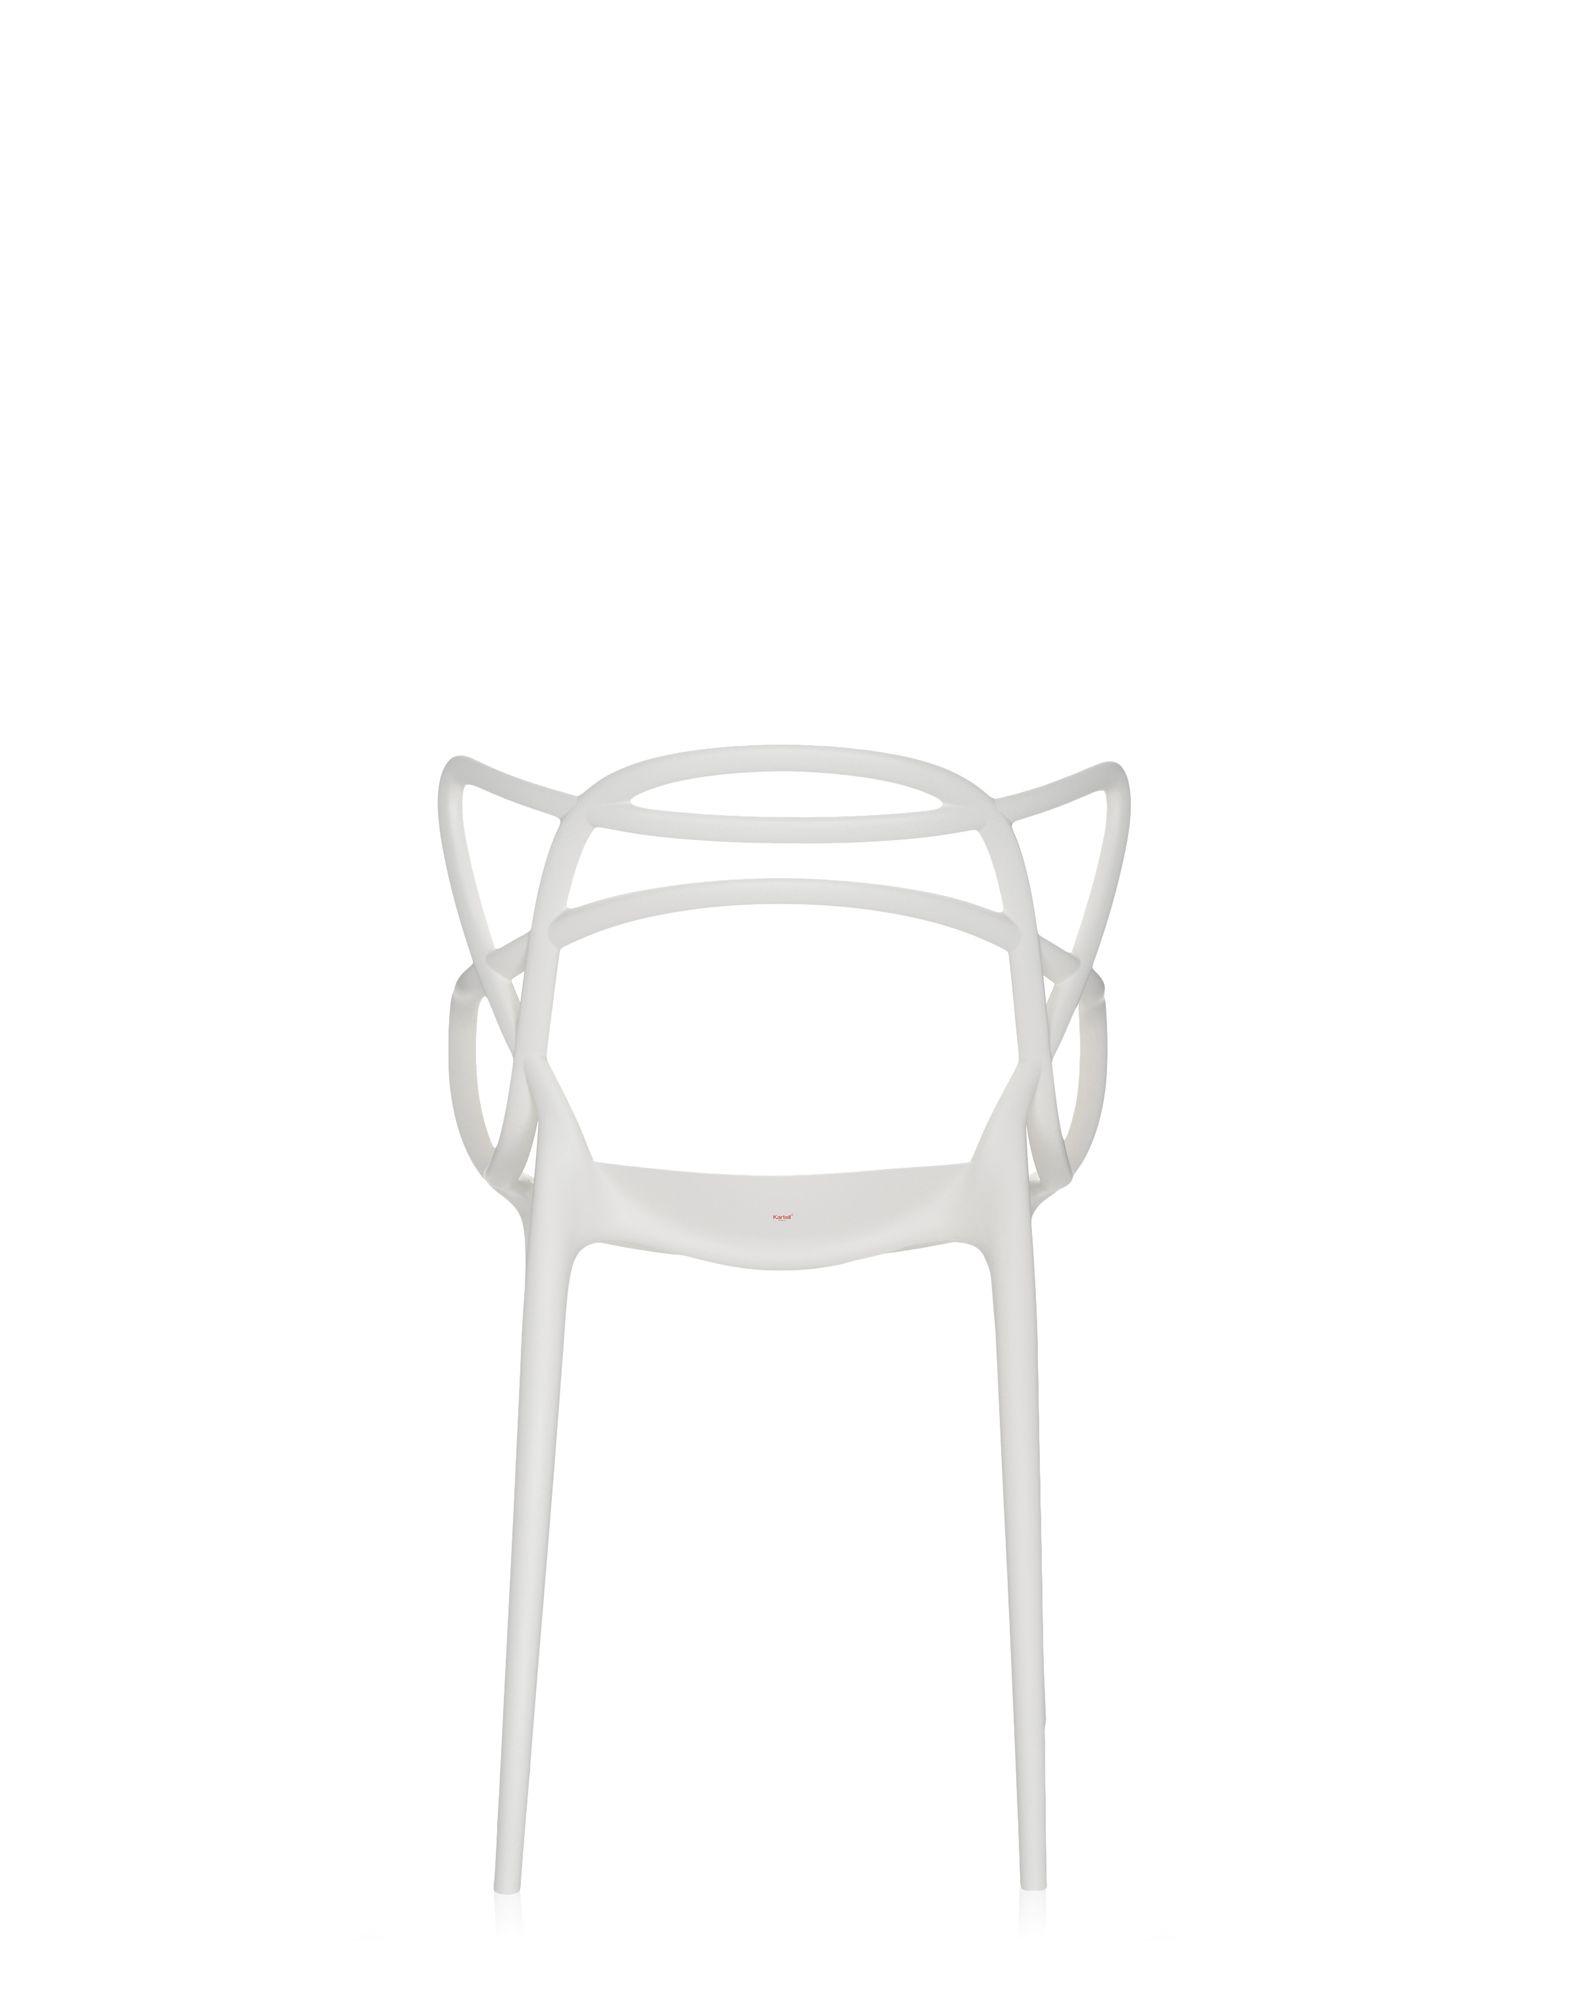 Kartell sedia masters bianca sedie design newformsdesign - Sedia masters kartell ...